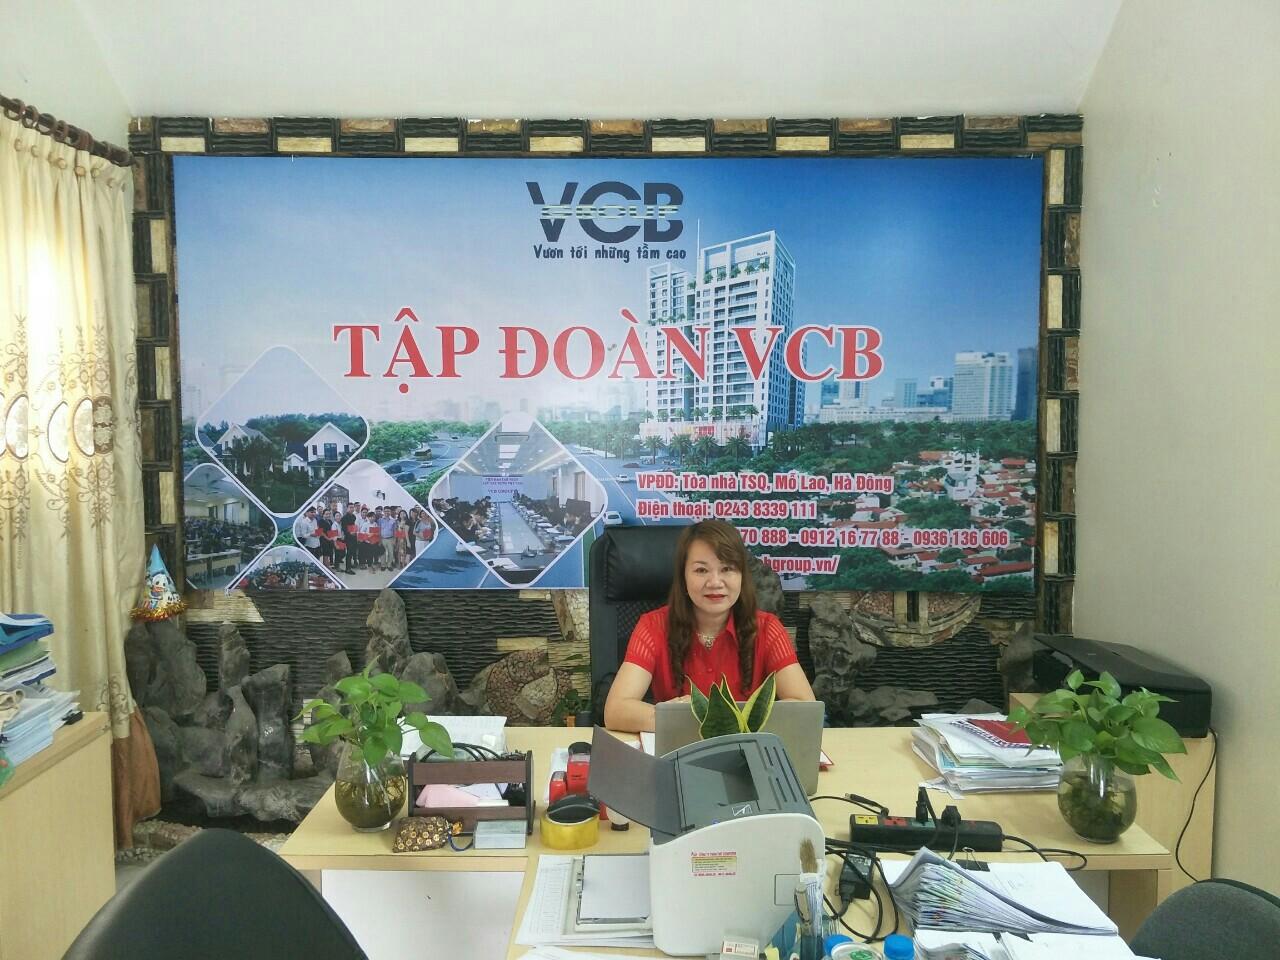 Phó tổng giám đốc kiêm giám đốc viện đào tạo - Nguyễn Thị Kim Oanh